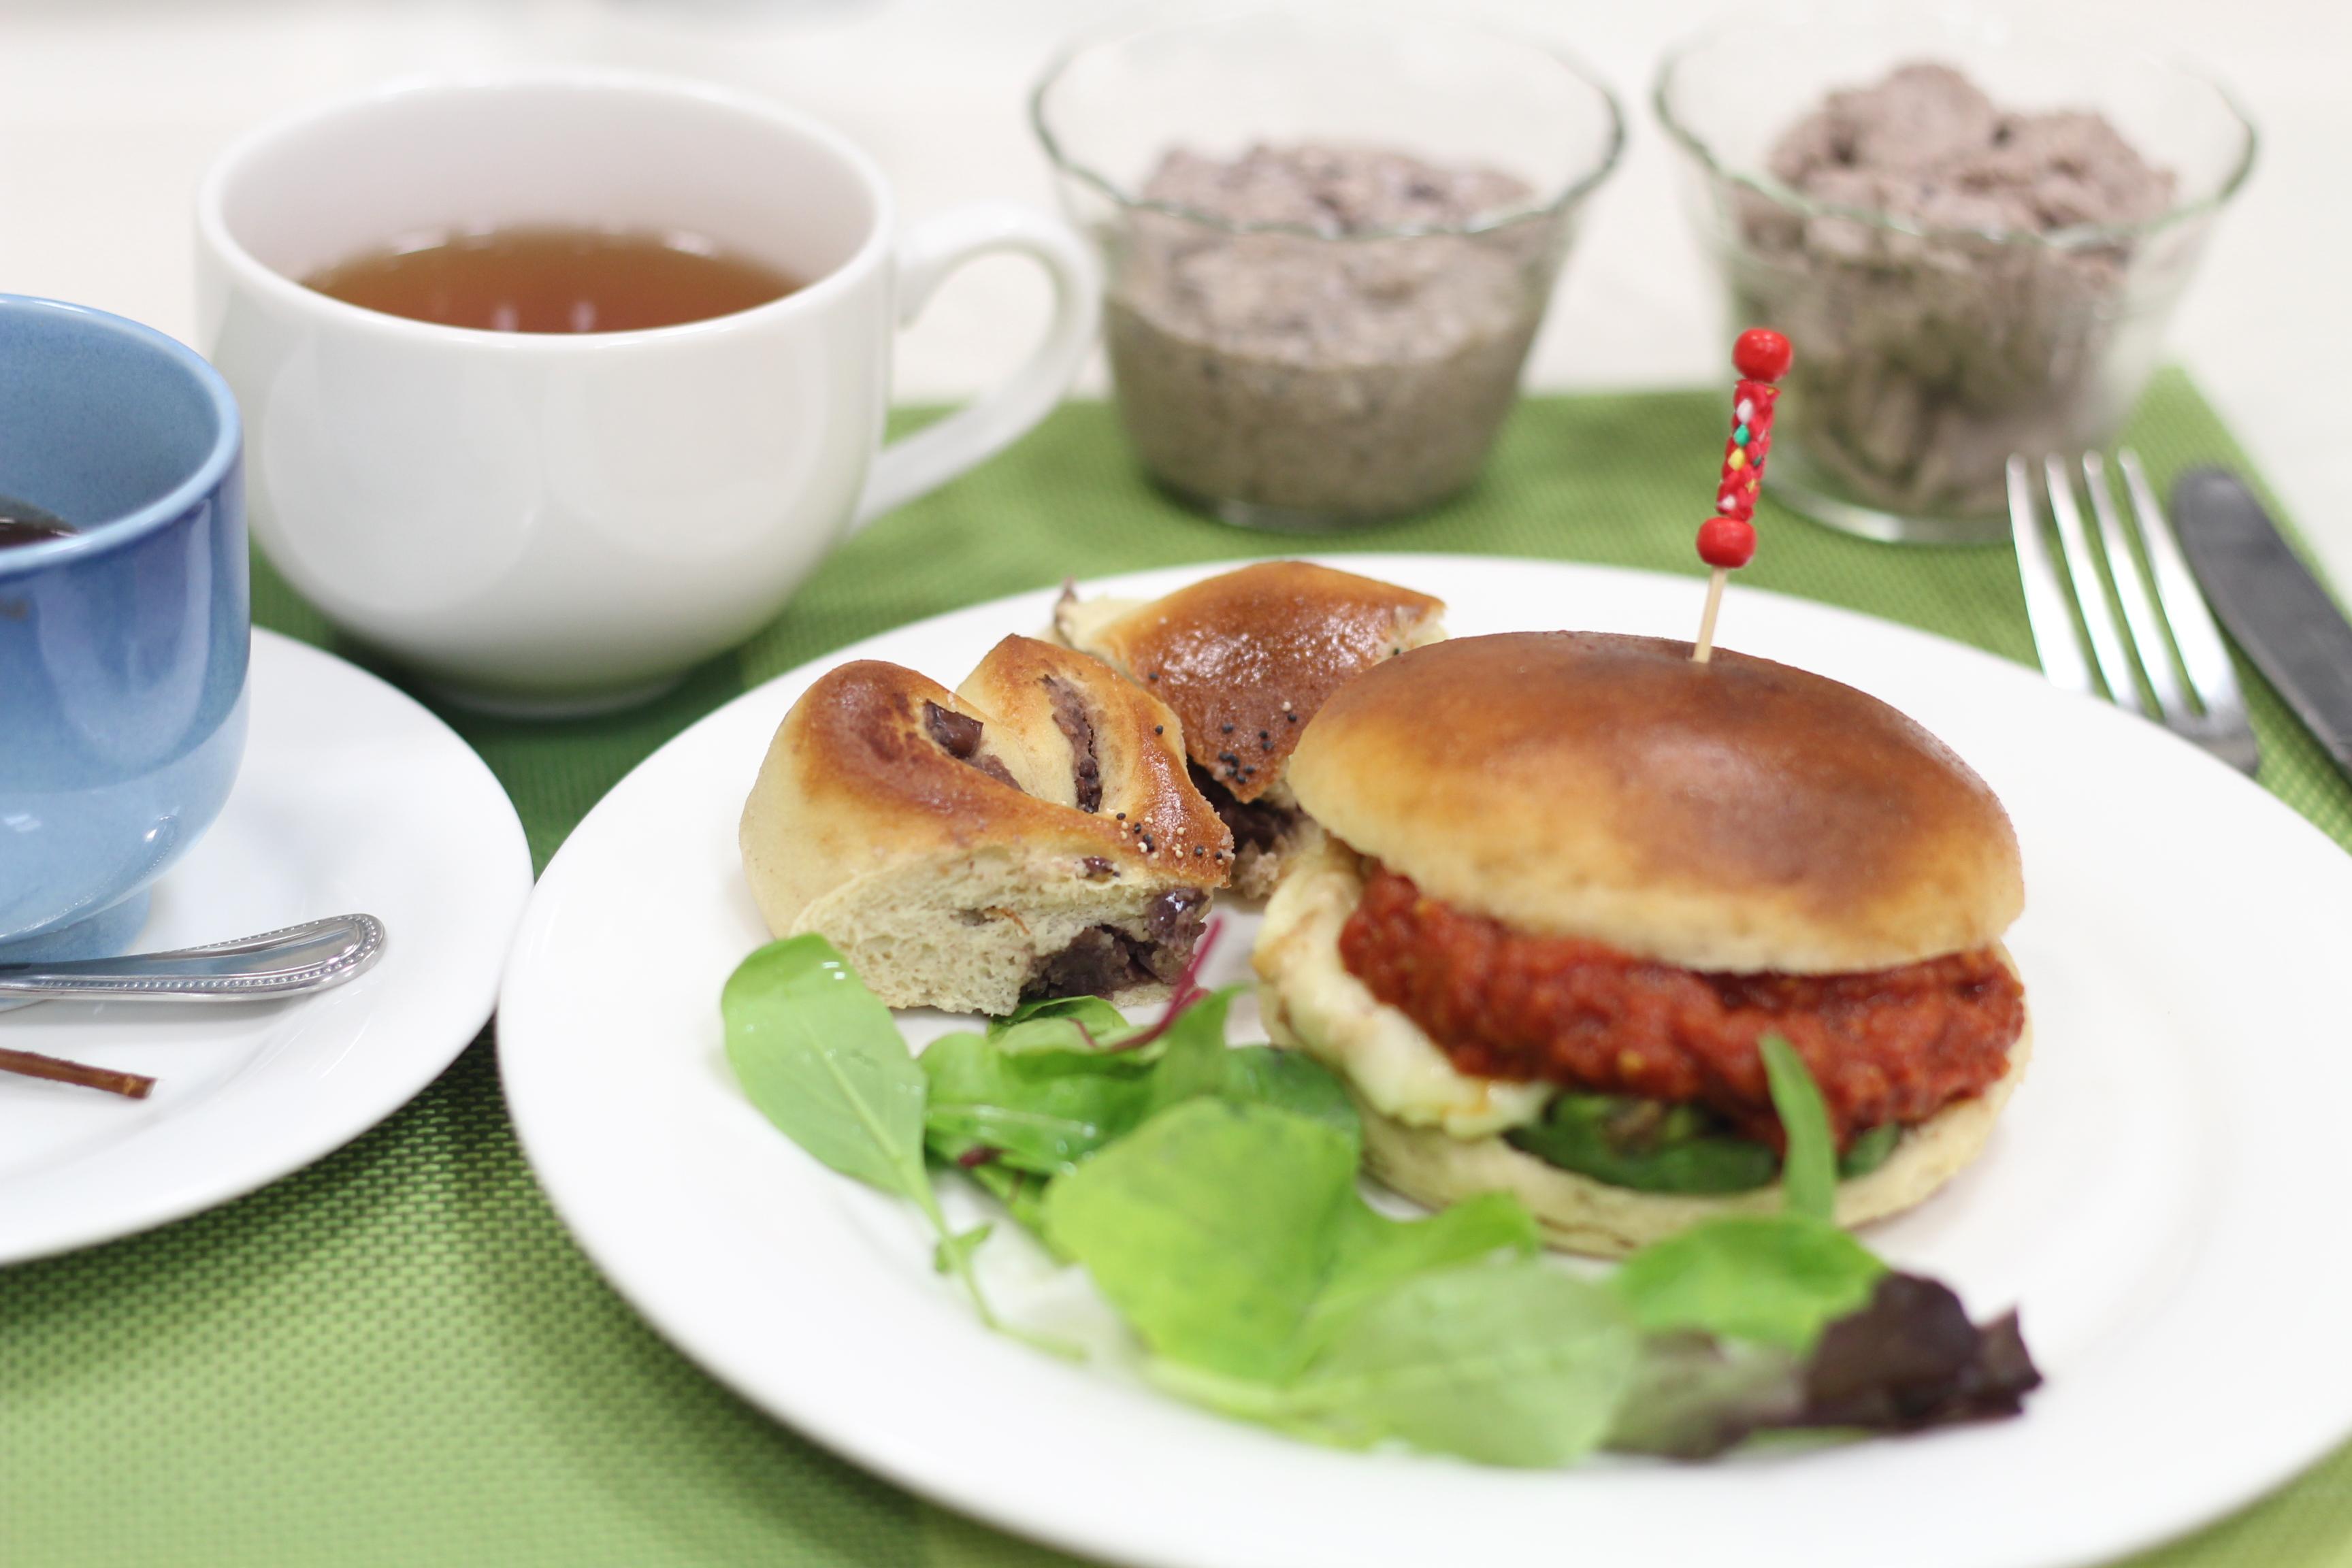 江部粉糖質制限パン、餡子から作るあんパン。a-ta-sante糖質制限パン料理教室。阿倍野区西田辺。